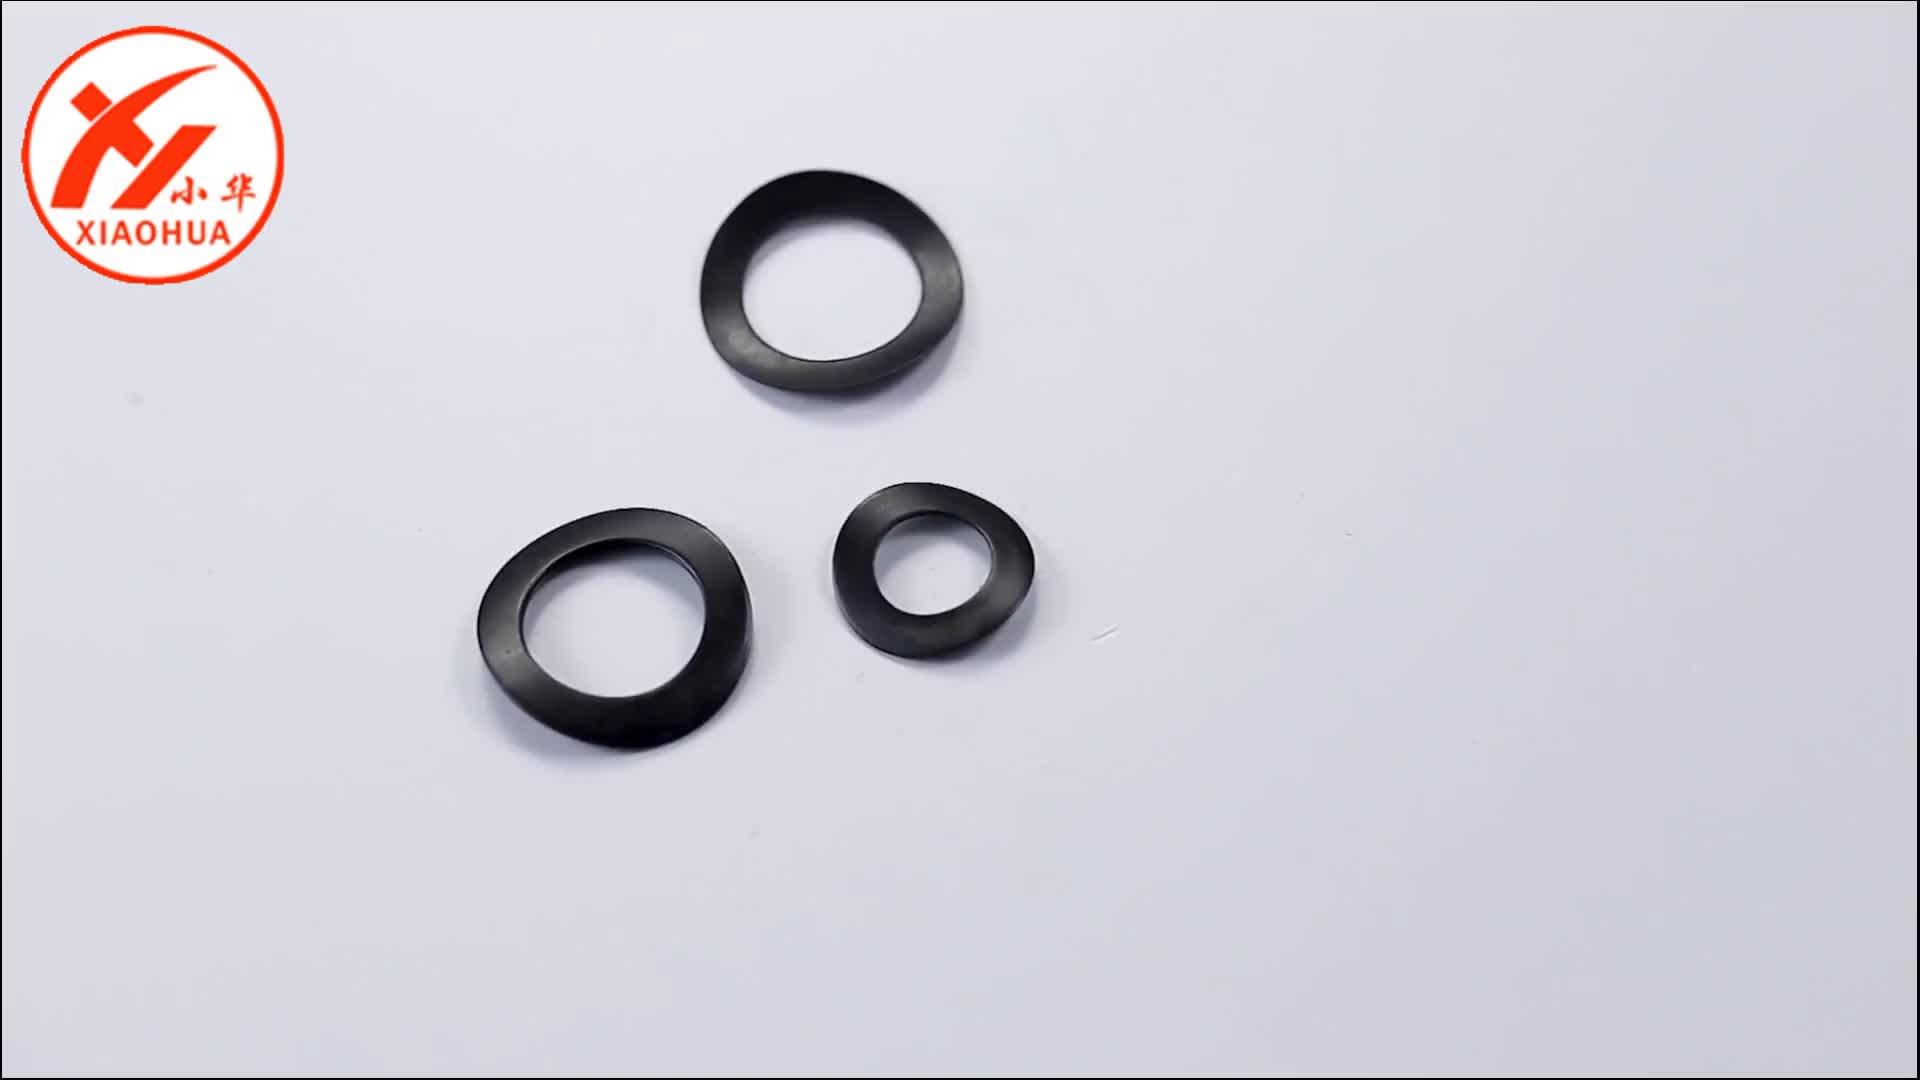 DIN137 तांबा ऑटो इलेक्ट्रॉनिक्स वॉशर फ्लैट अंगूठी गैस्केट